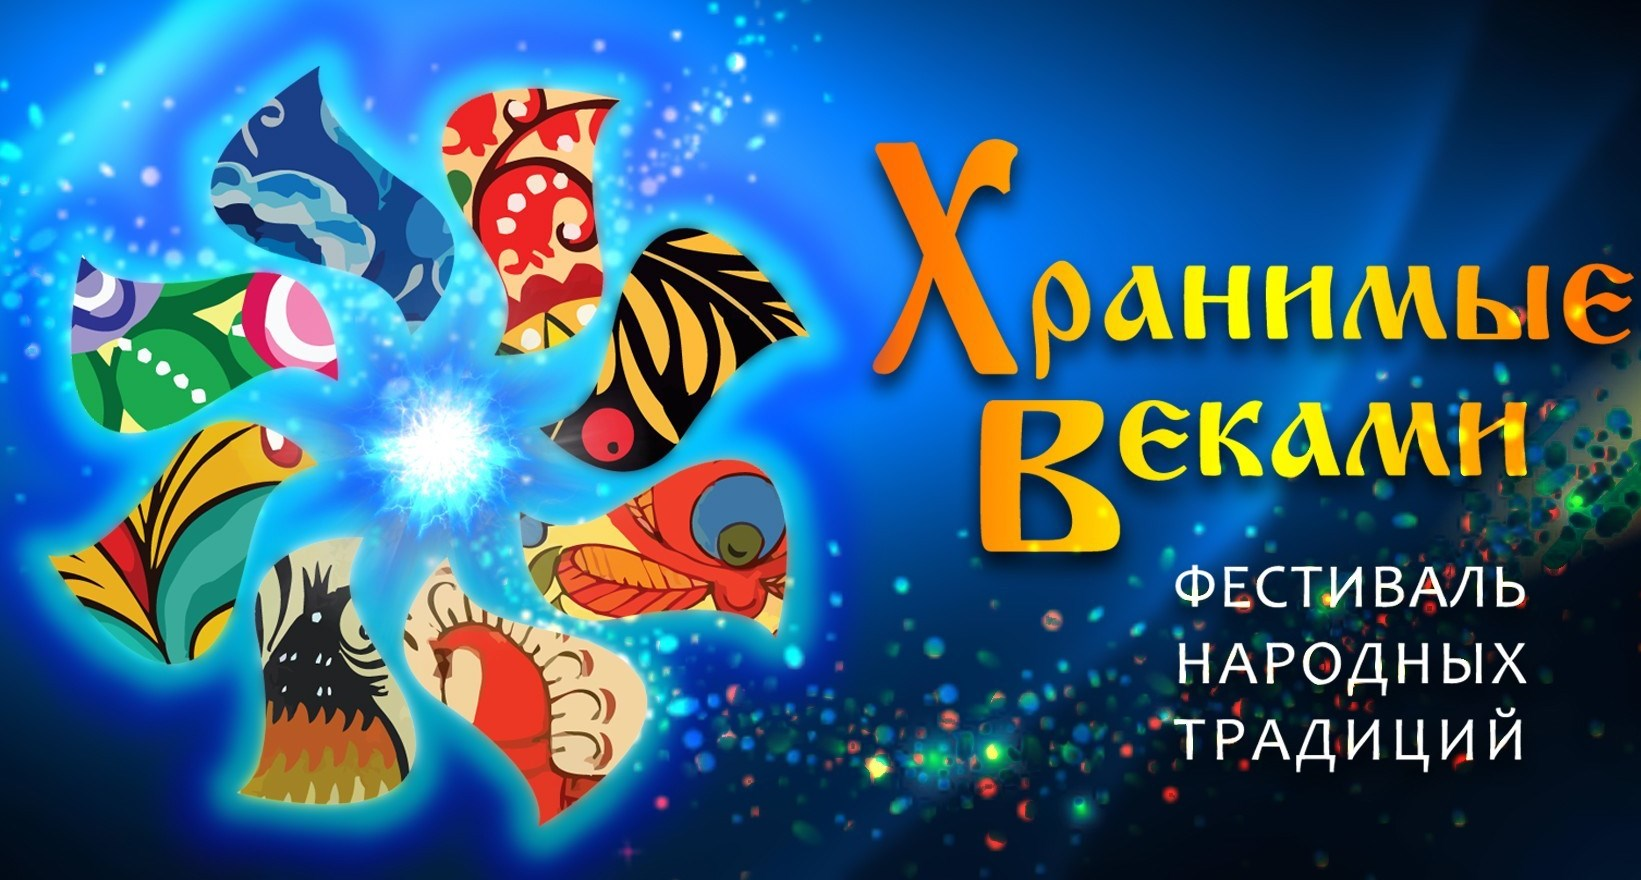 Международный фестиваль народных традиций